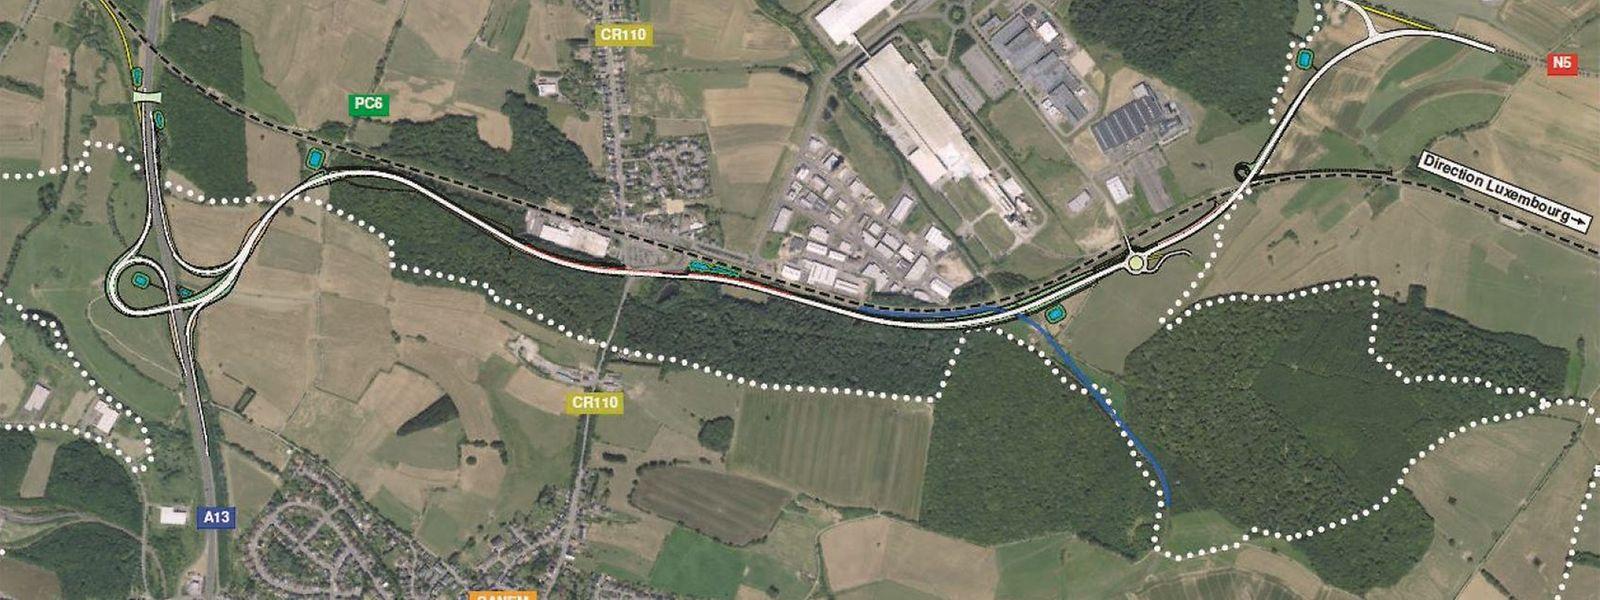 In Weiß ist die Umgehungsstraße Käerjeng zu erkennen, die von der A13 (links) entlang der Schienen und der Industriezone verläuft.